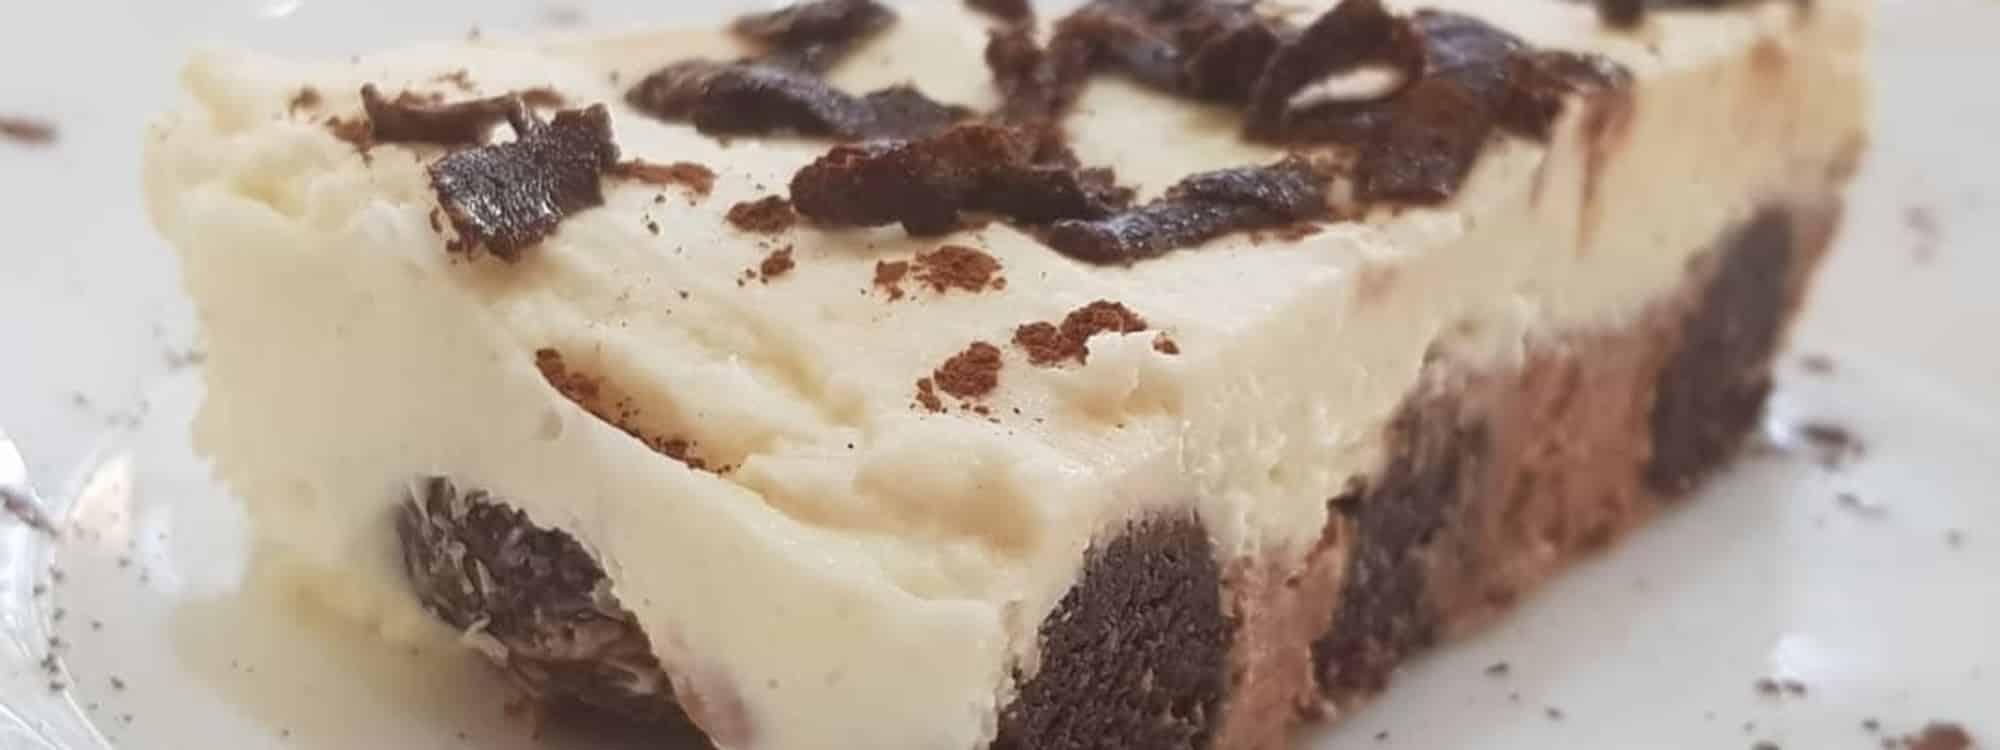 עוגת כדורי שוקולד מטריפה – שיטת ה-30